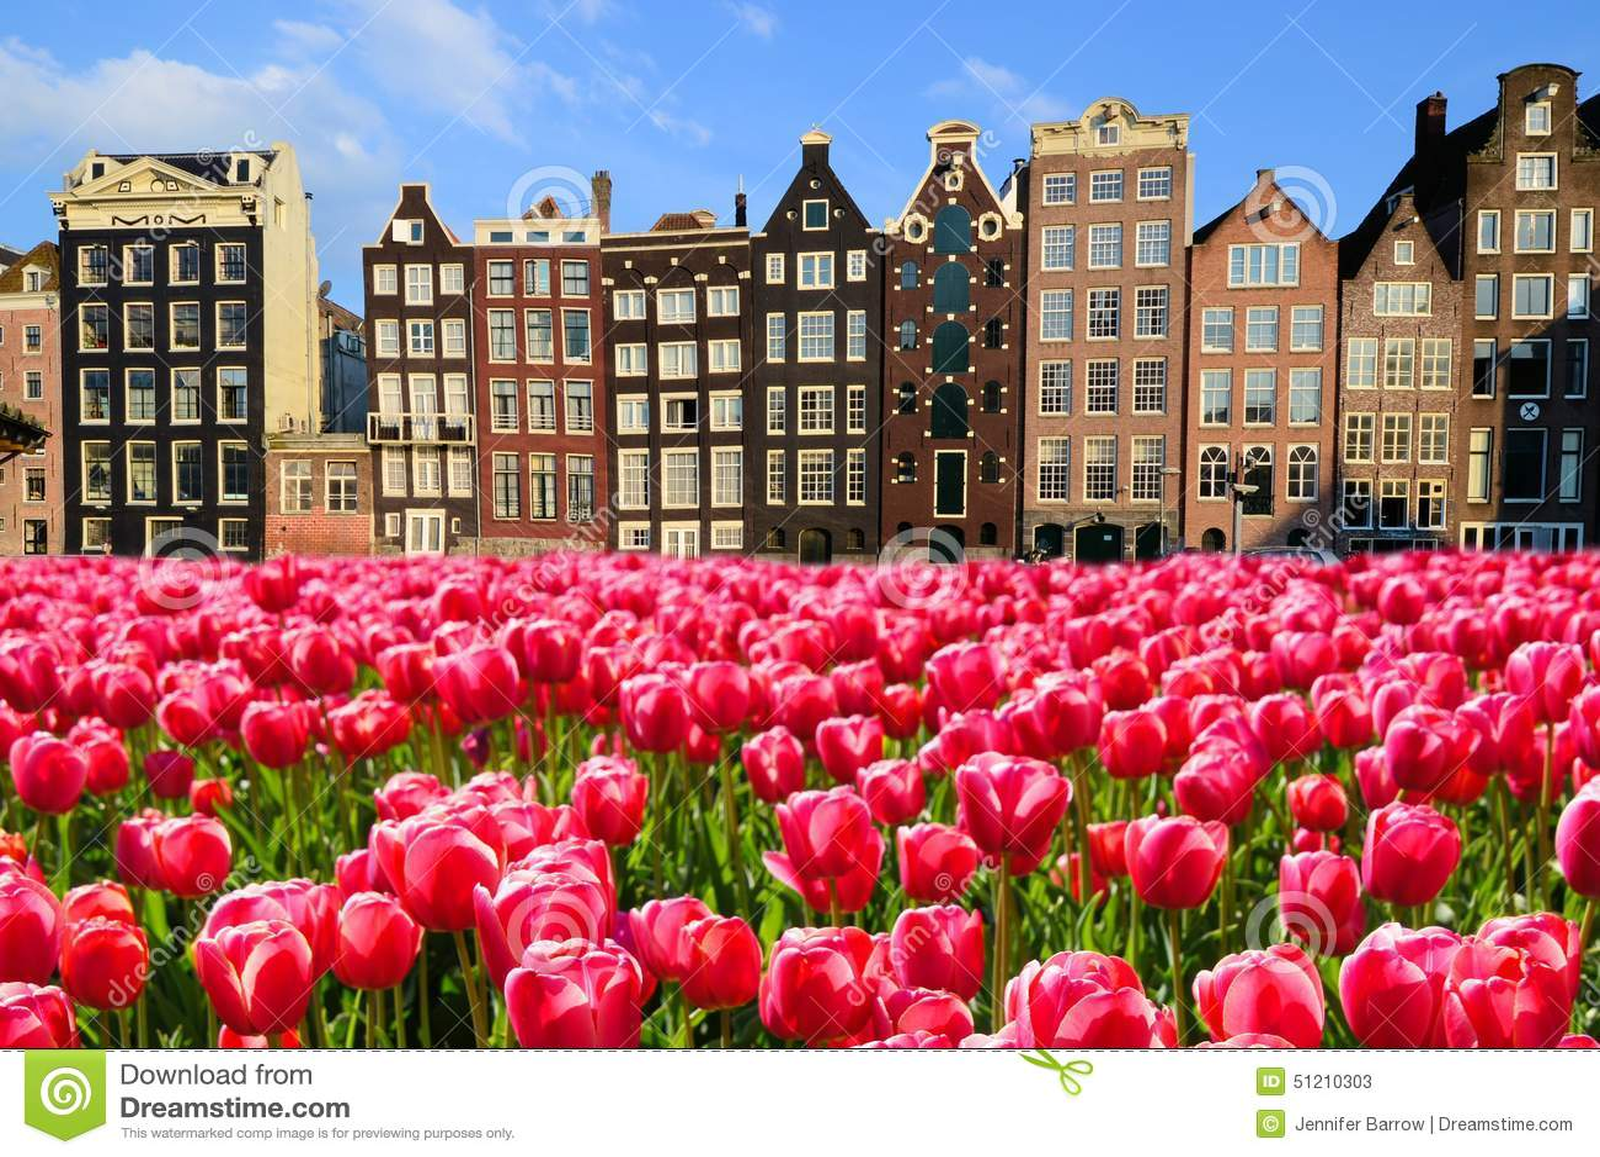 Tulpen Van Amsterdam Youtube